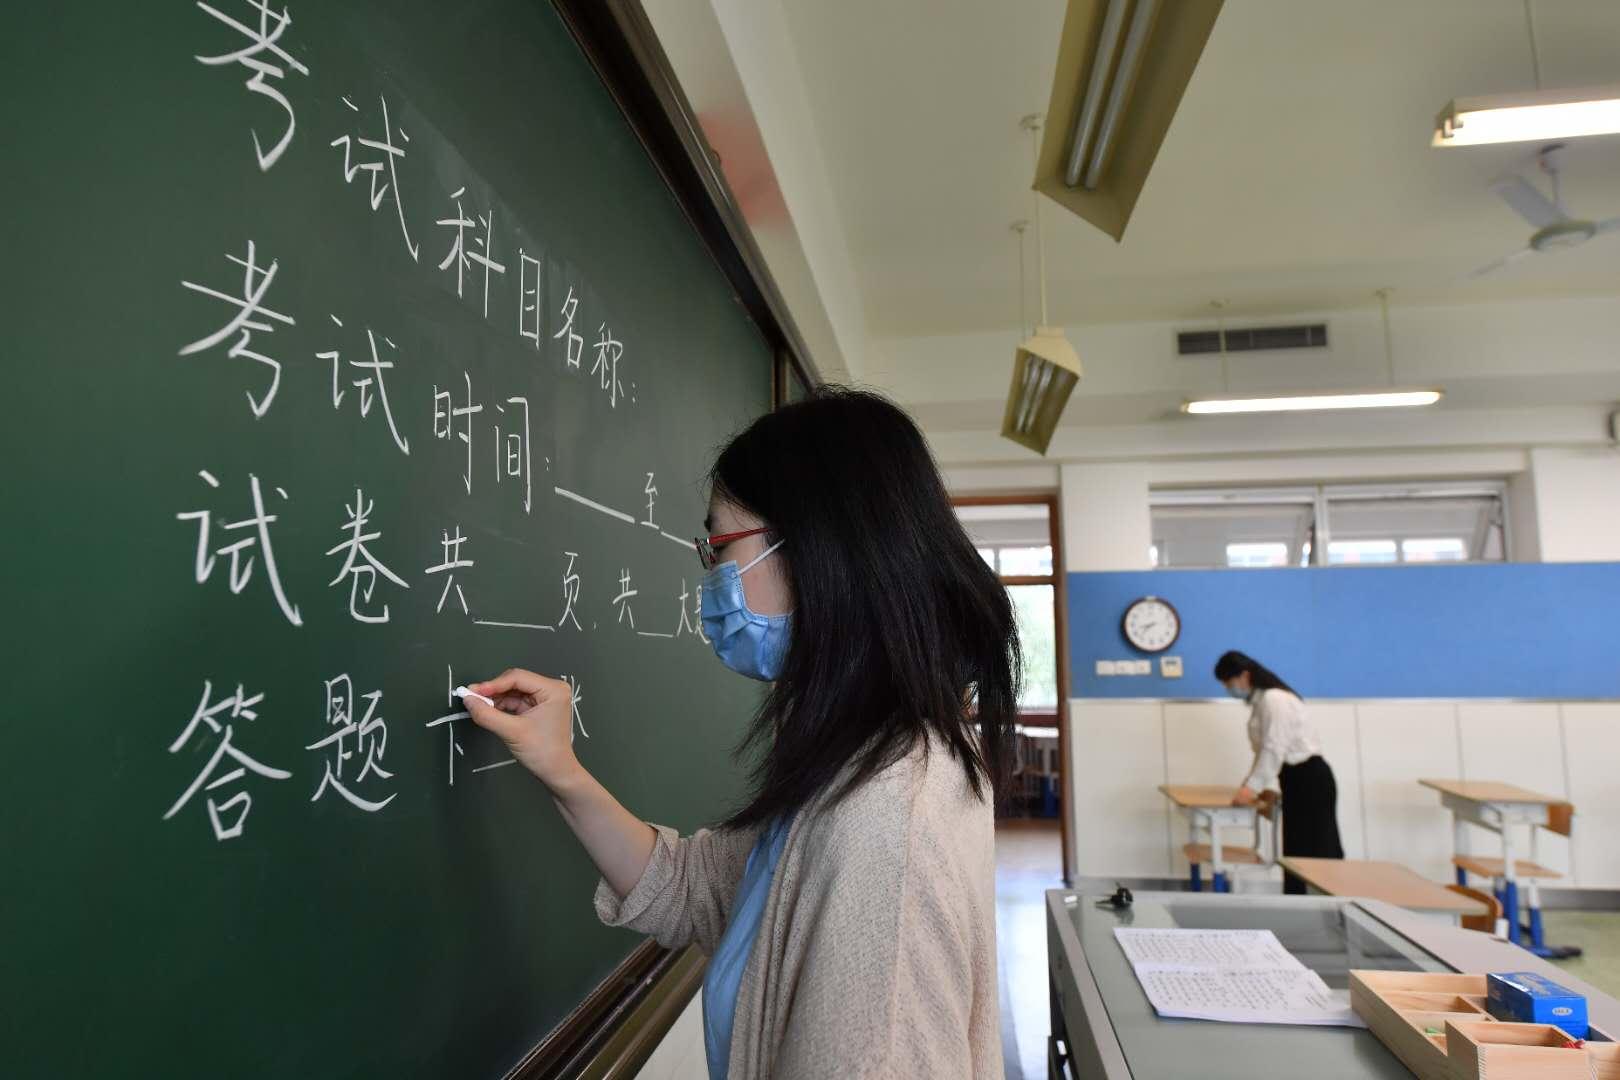 北京十二中考点:增设防疫副主考,考生间距2米以上图片